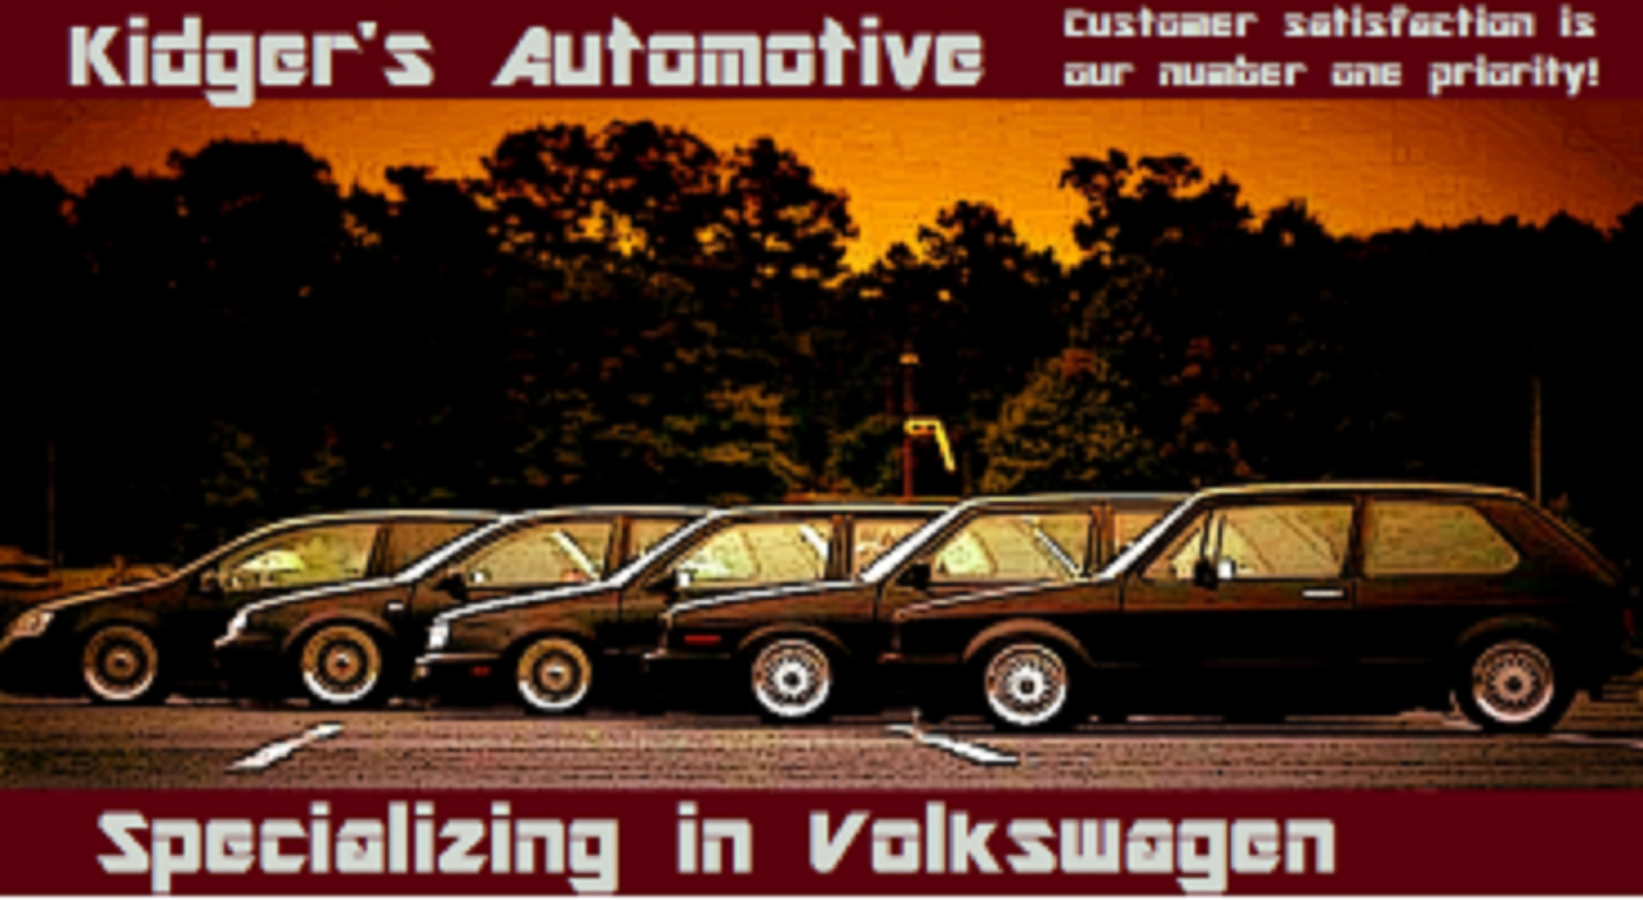 View Kidger's Automotive's Chilliwack profile